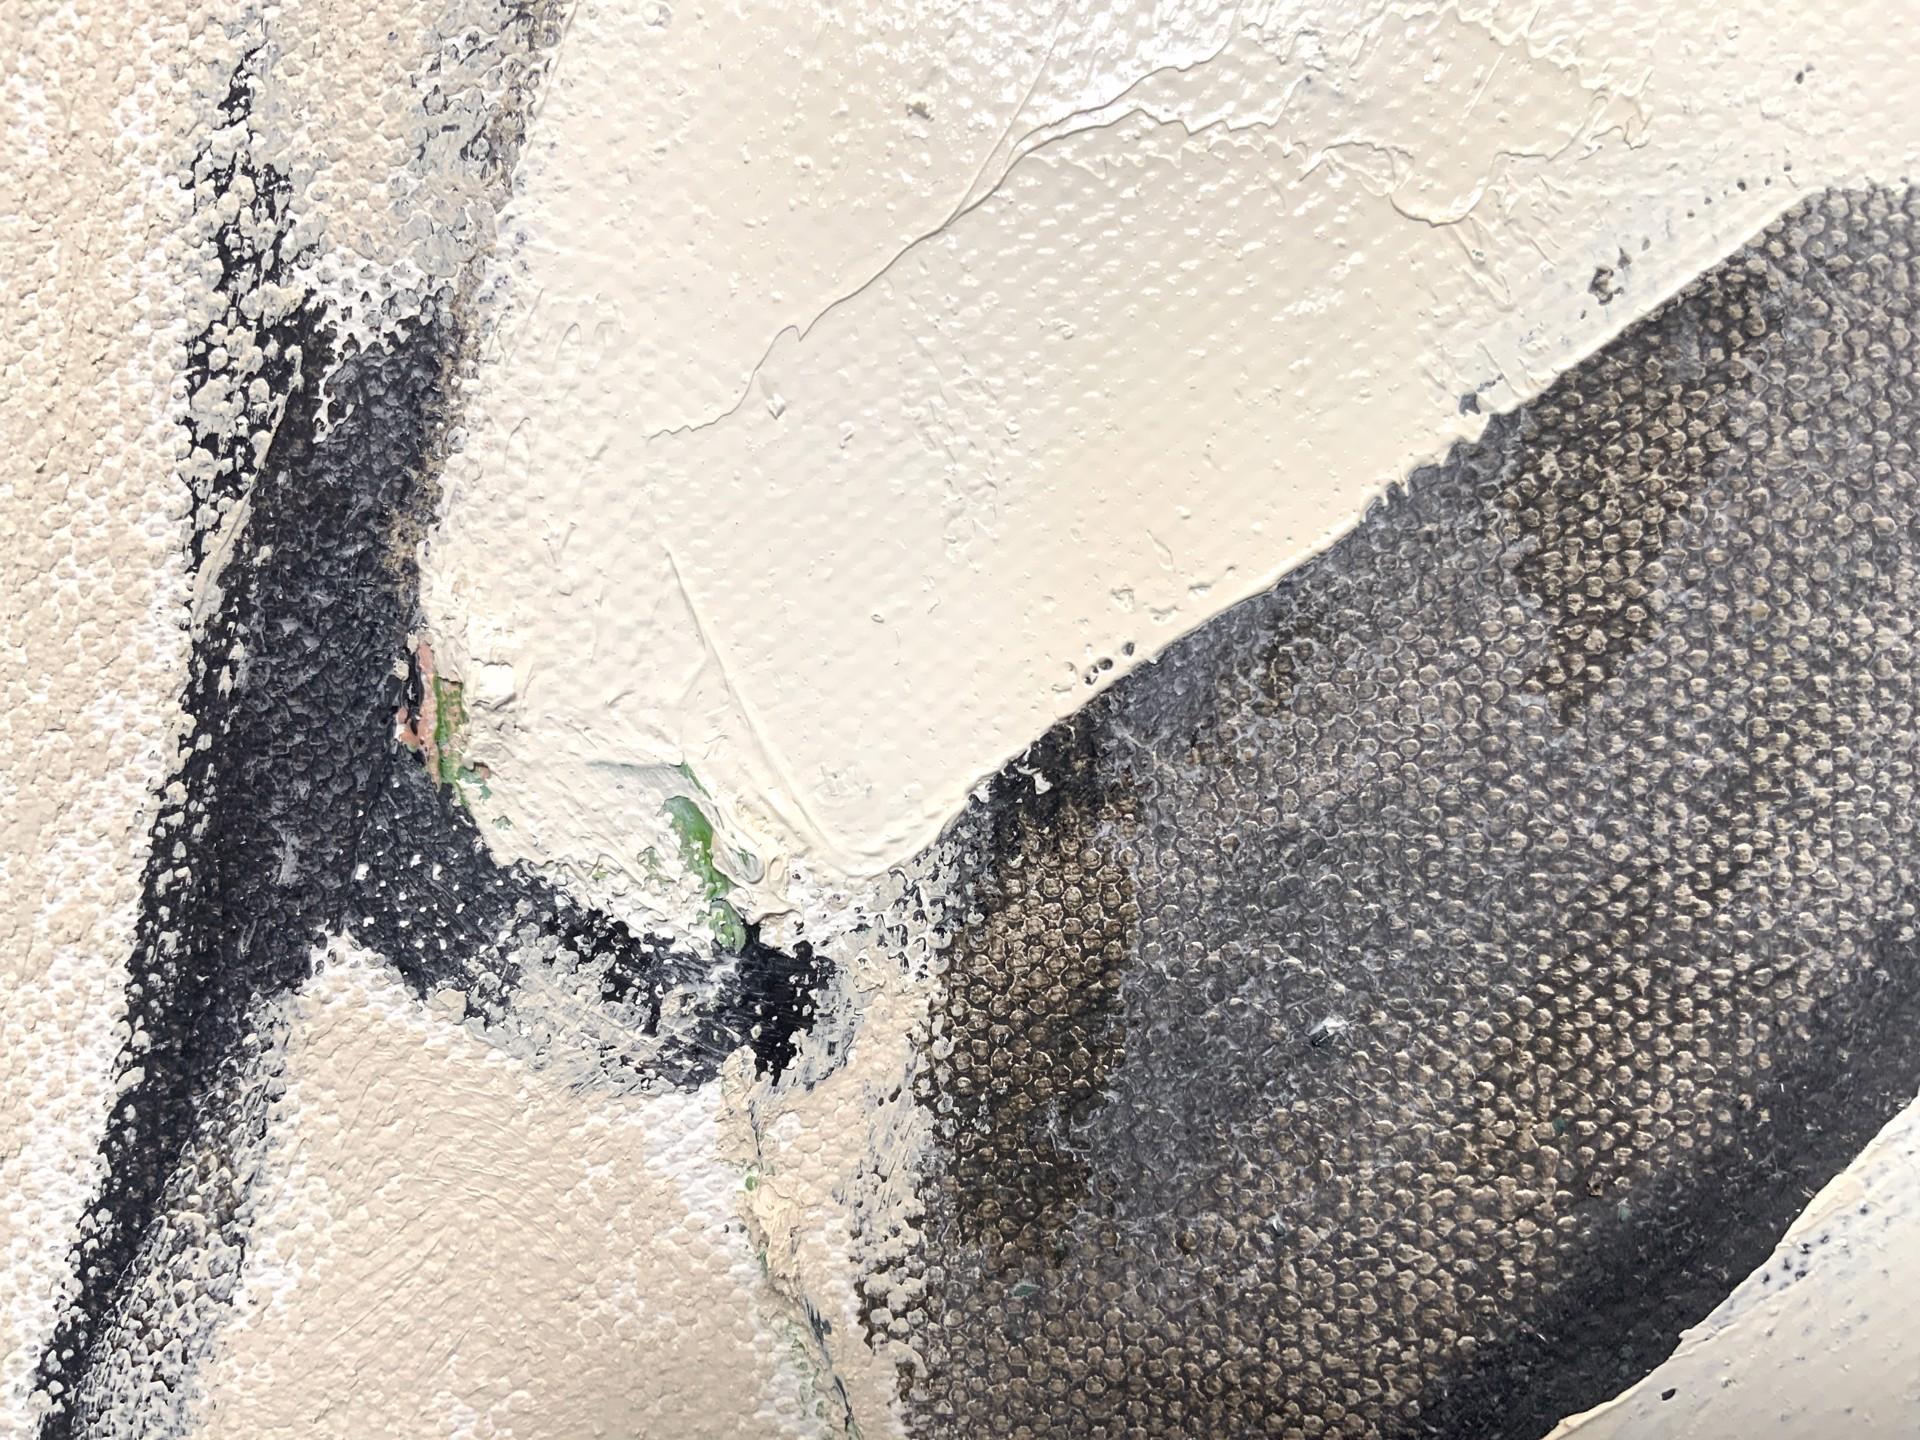 Black Capped Chickadee by stevenpage prewitt